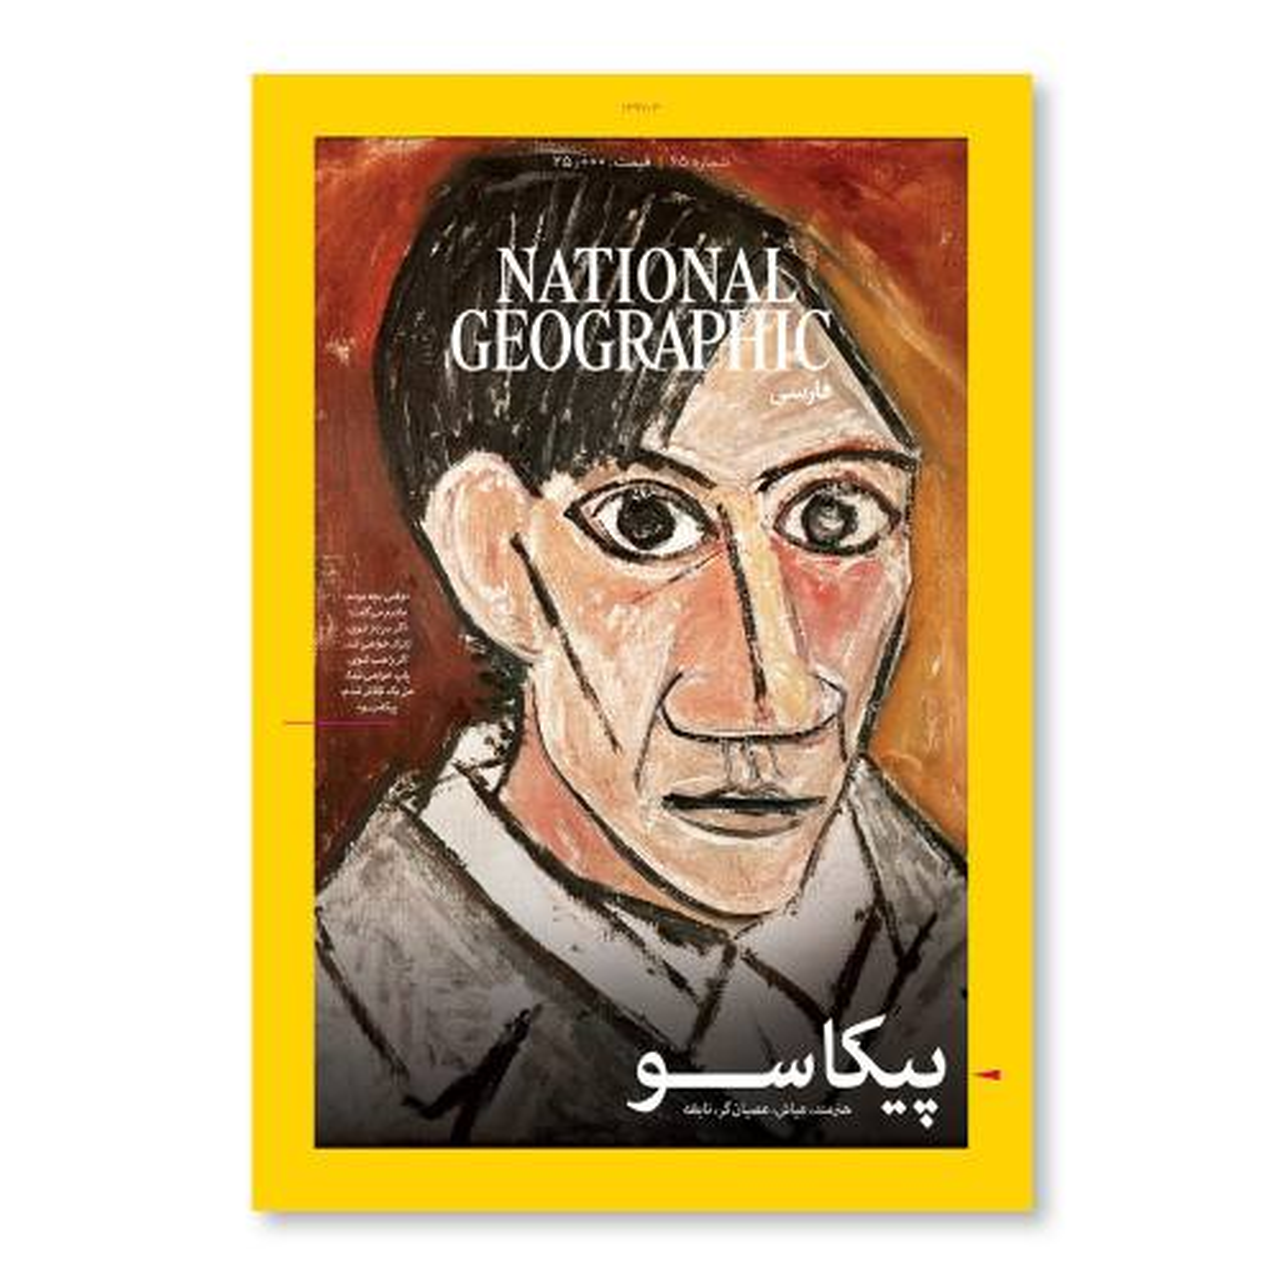 مجله نشنال جئوگرافیک فارسی - شماره 65